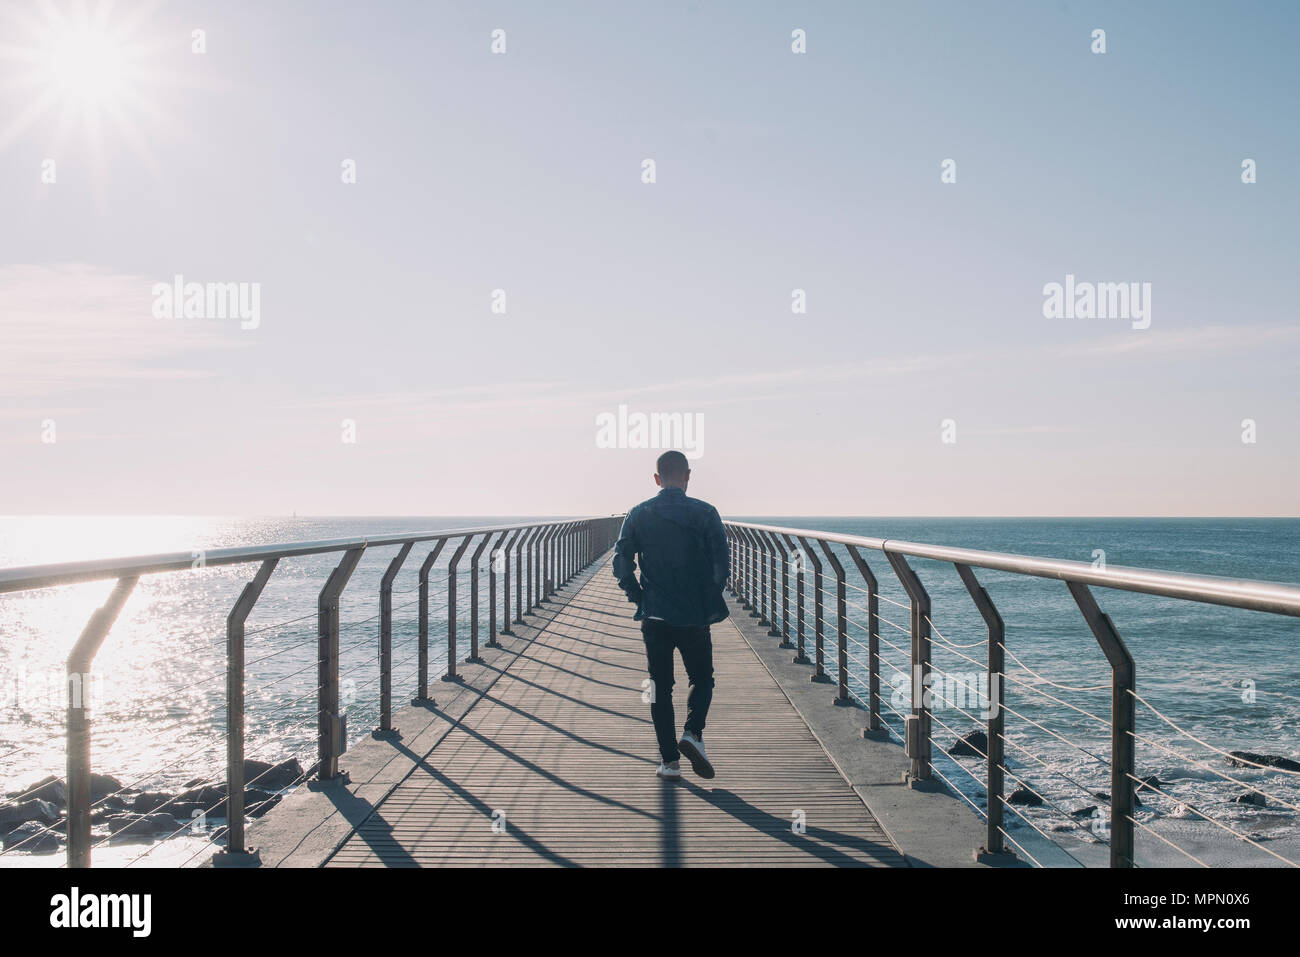 Rückansicht des Menschen zu Fuß auf der Promenade an der Hintergrundbeleuchtung Stockbild